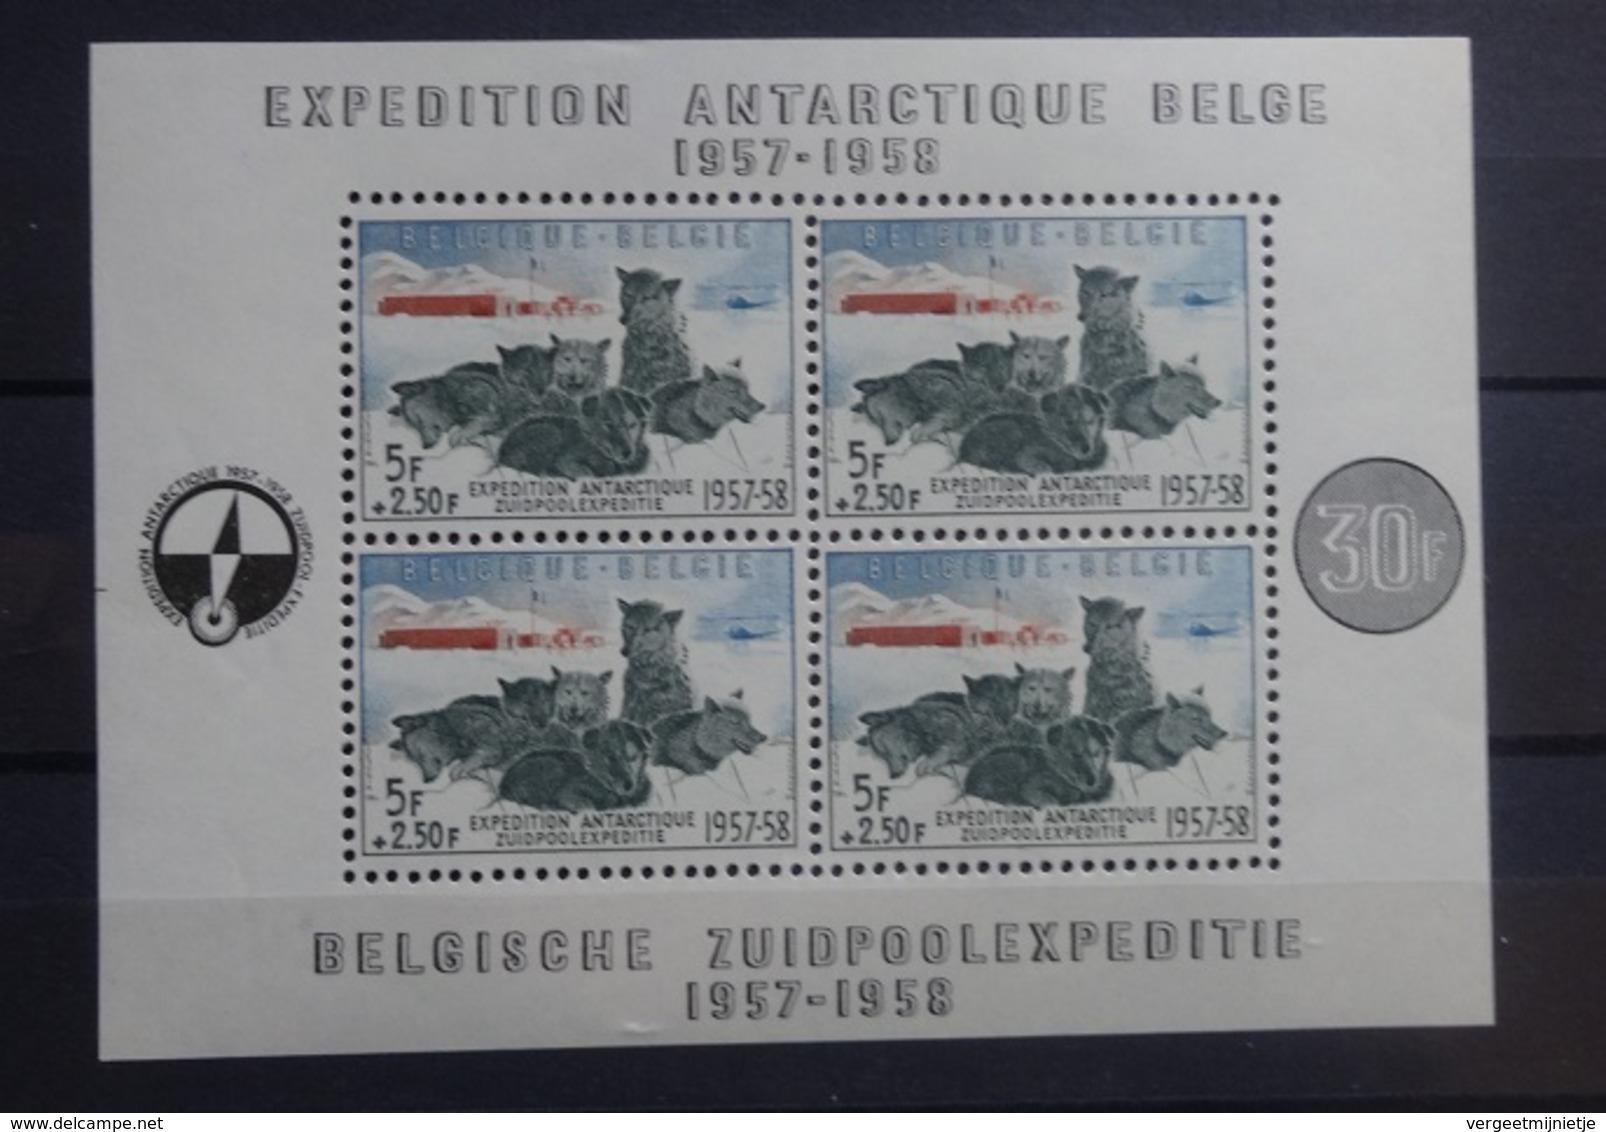 BELGIE   1957    Blok  31   Zuidpoolexpeditie       Postfris **    CW  180,00 - Blocs 1924-1960